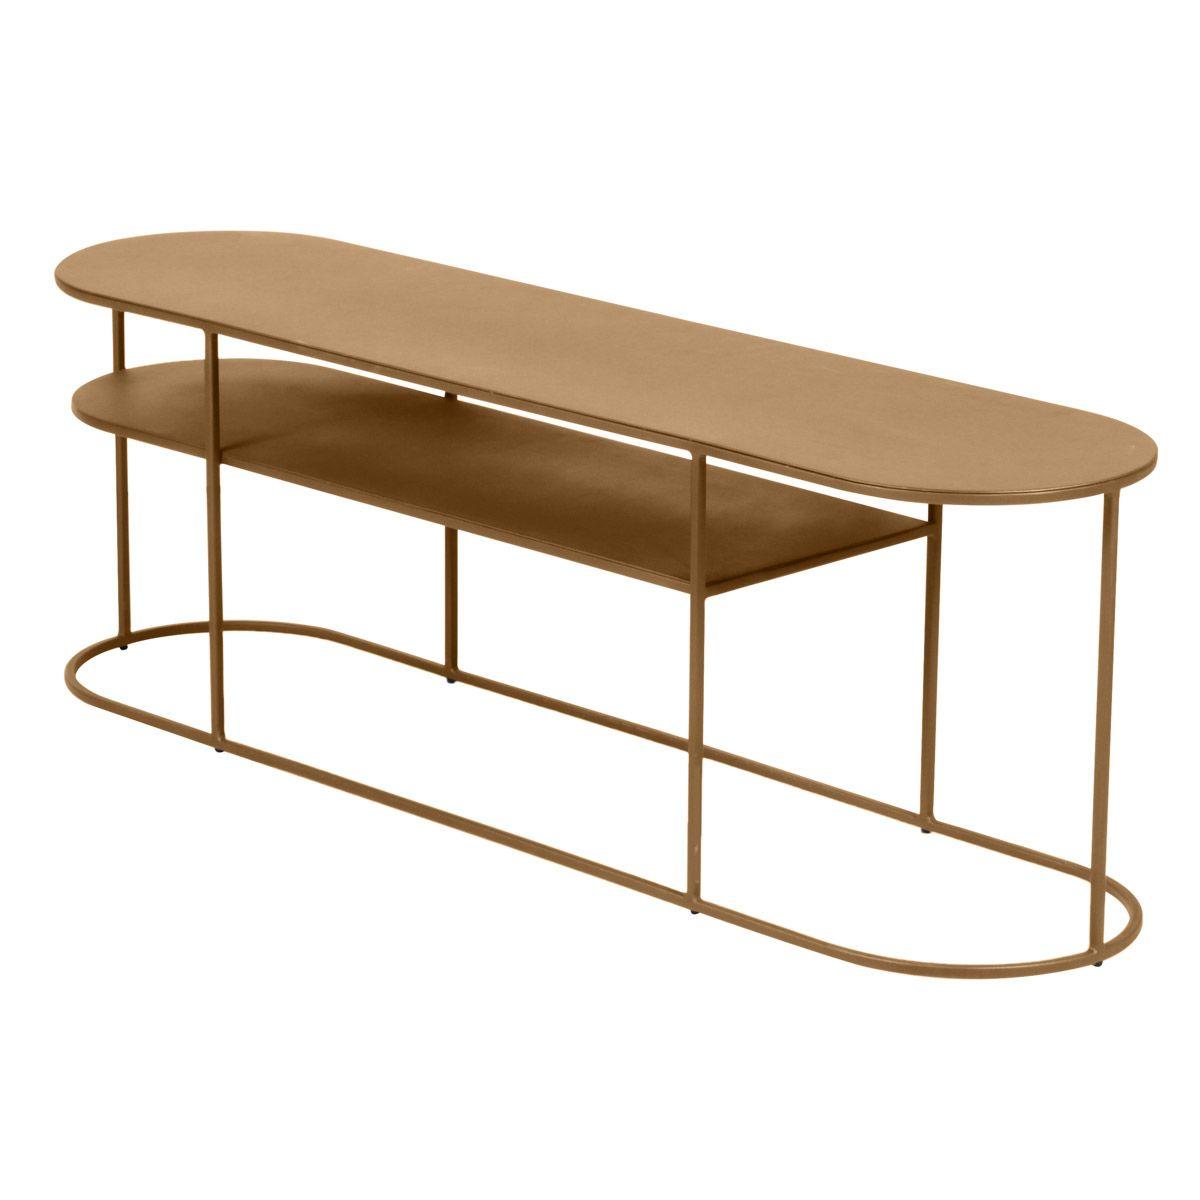 Table basse métal doré laiton antique ovale 120 cm